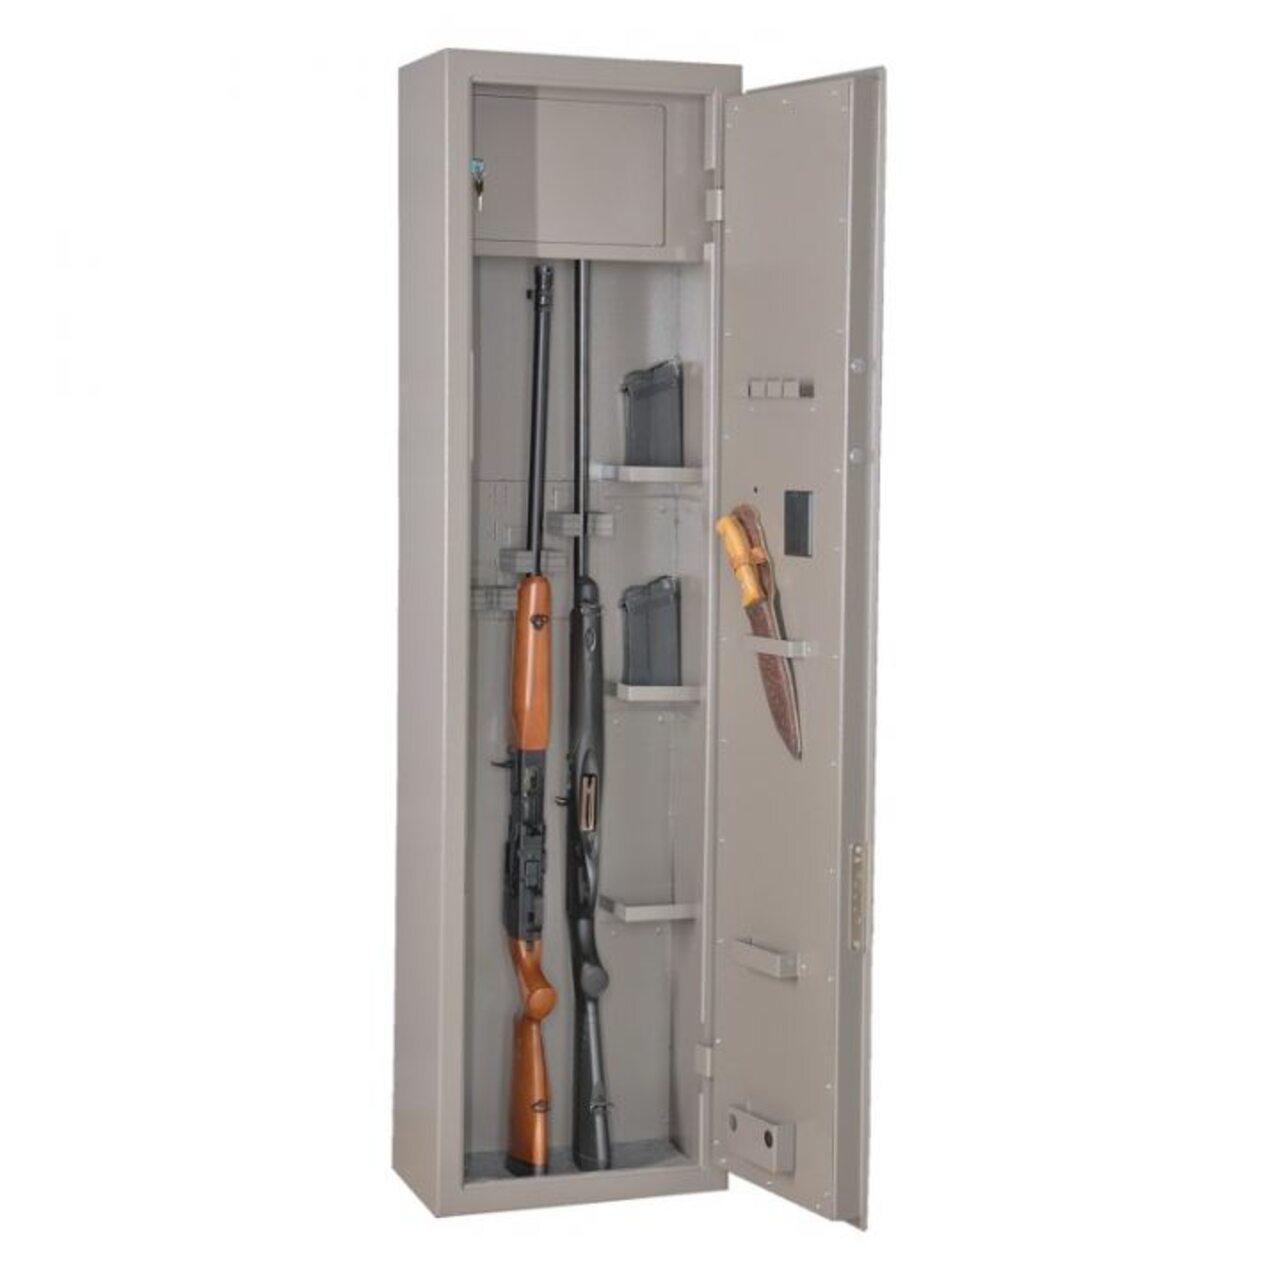 Шкаф оружейный ОШ-43Э - фото 2